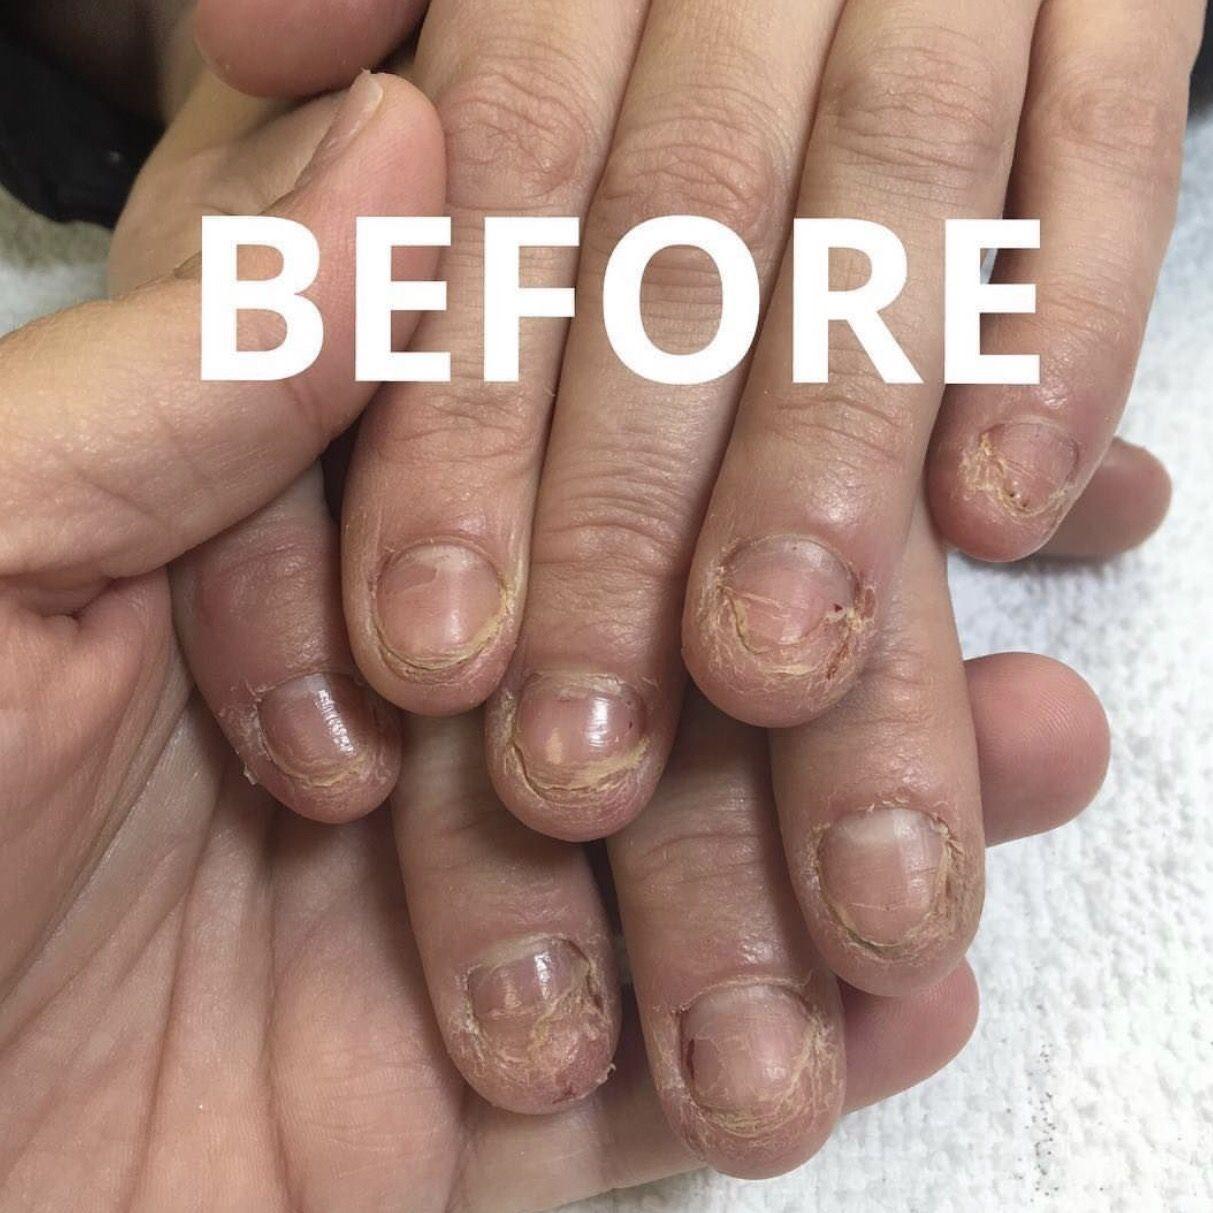 Solarnails Acrylic Gel Methyl Methacrylate Mma Solar Nails Gel Vs Acrylic Nails Pink Acrylic Nails